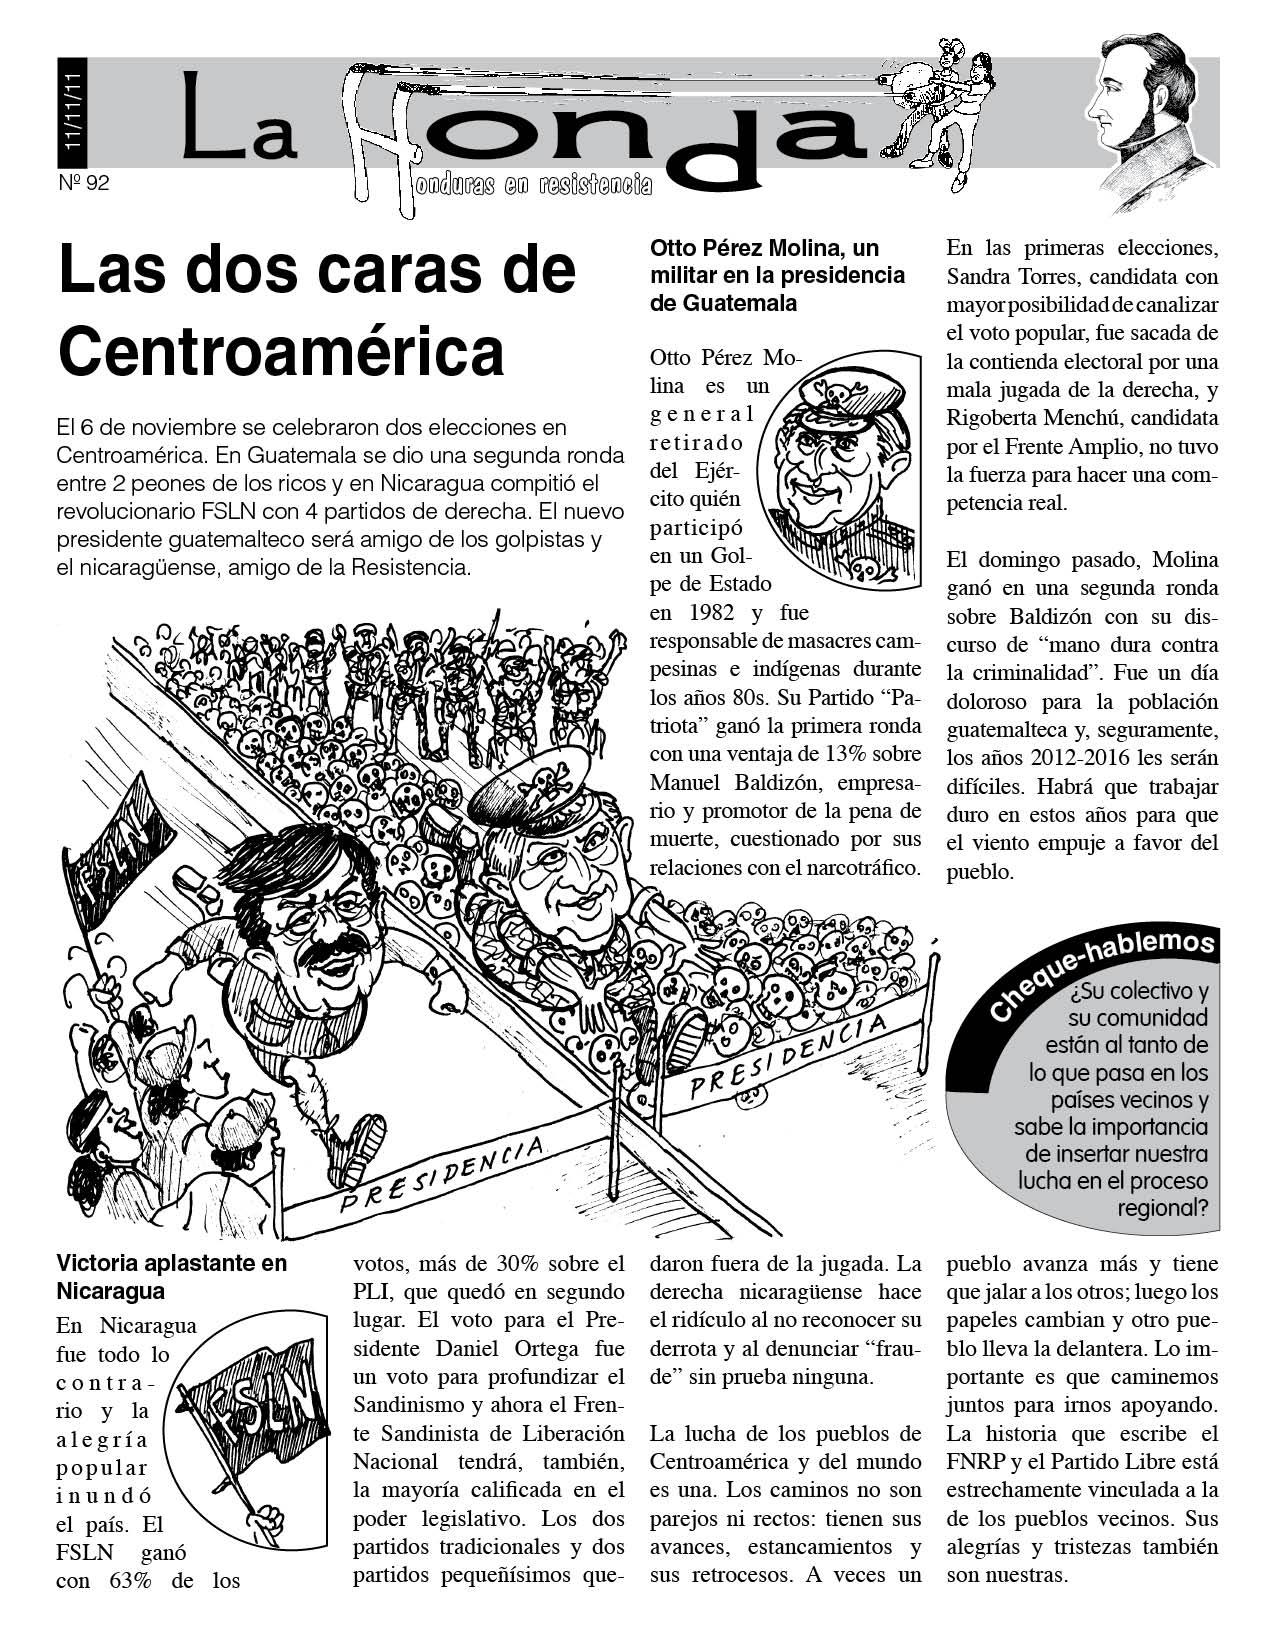 La Honda 92: Las dos caras de Centroamérica